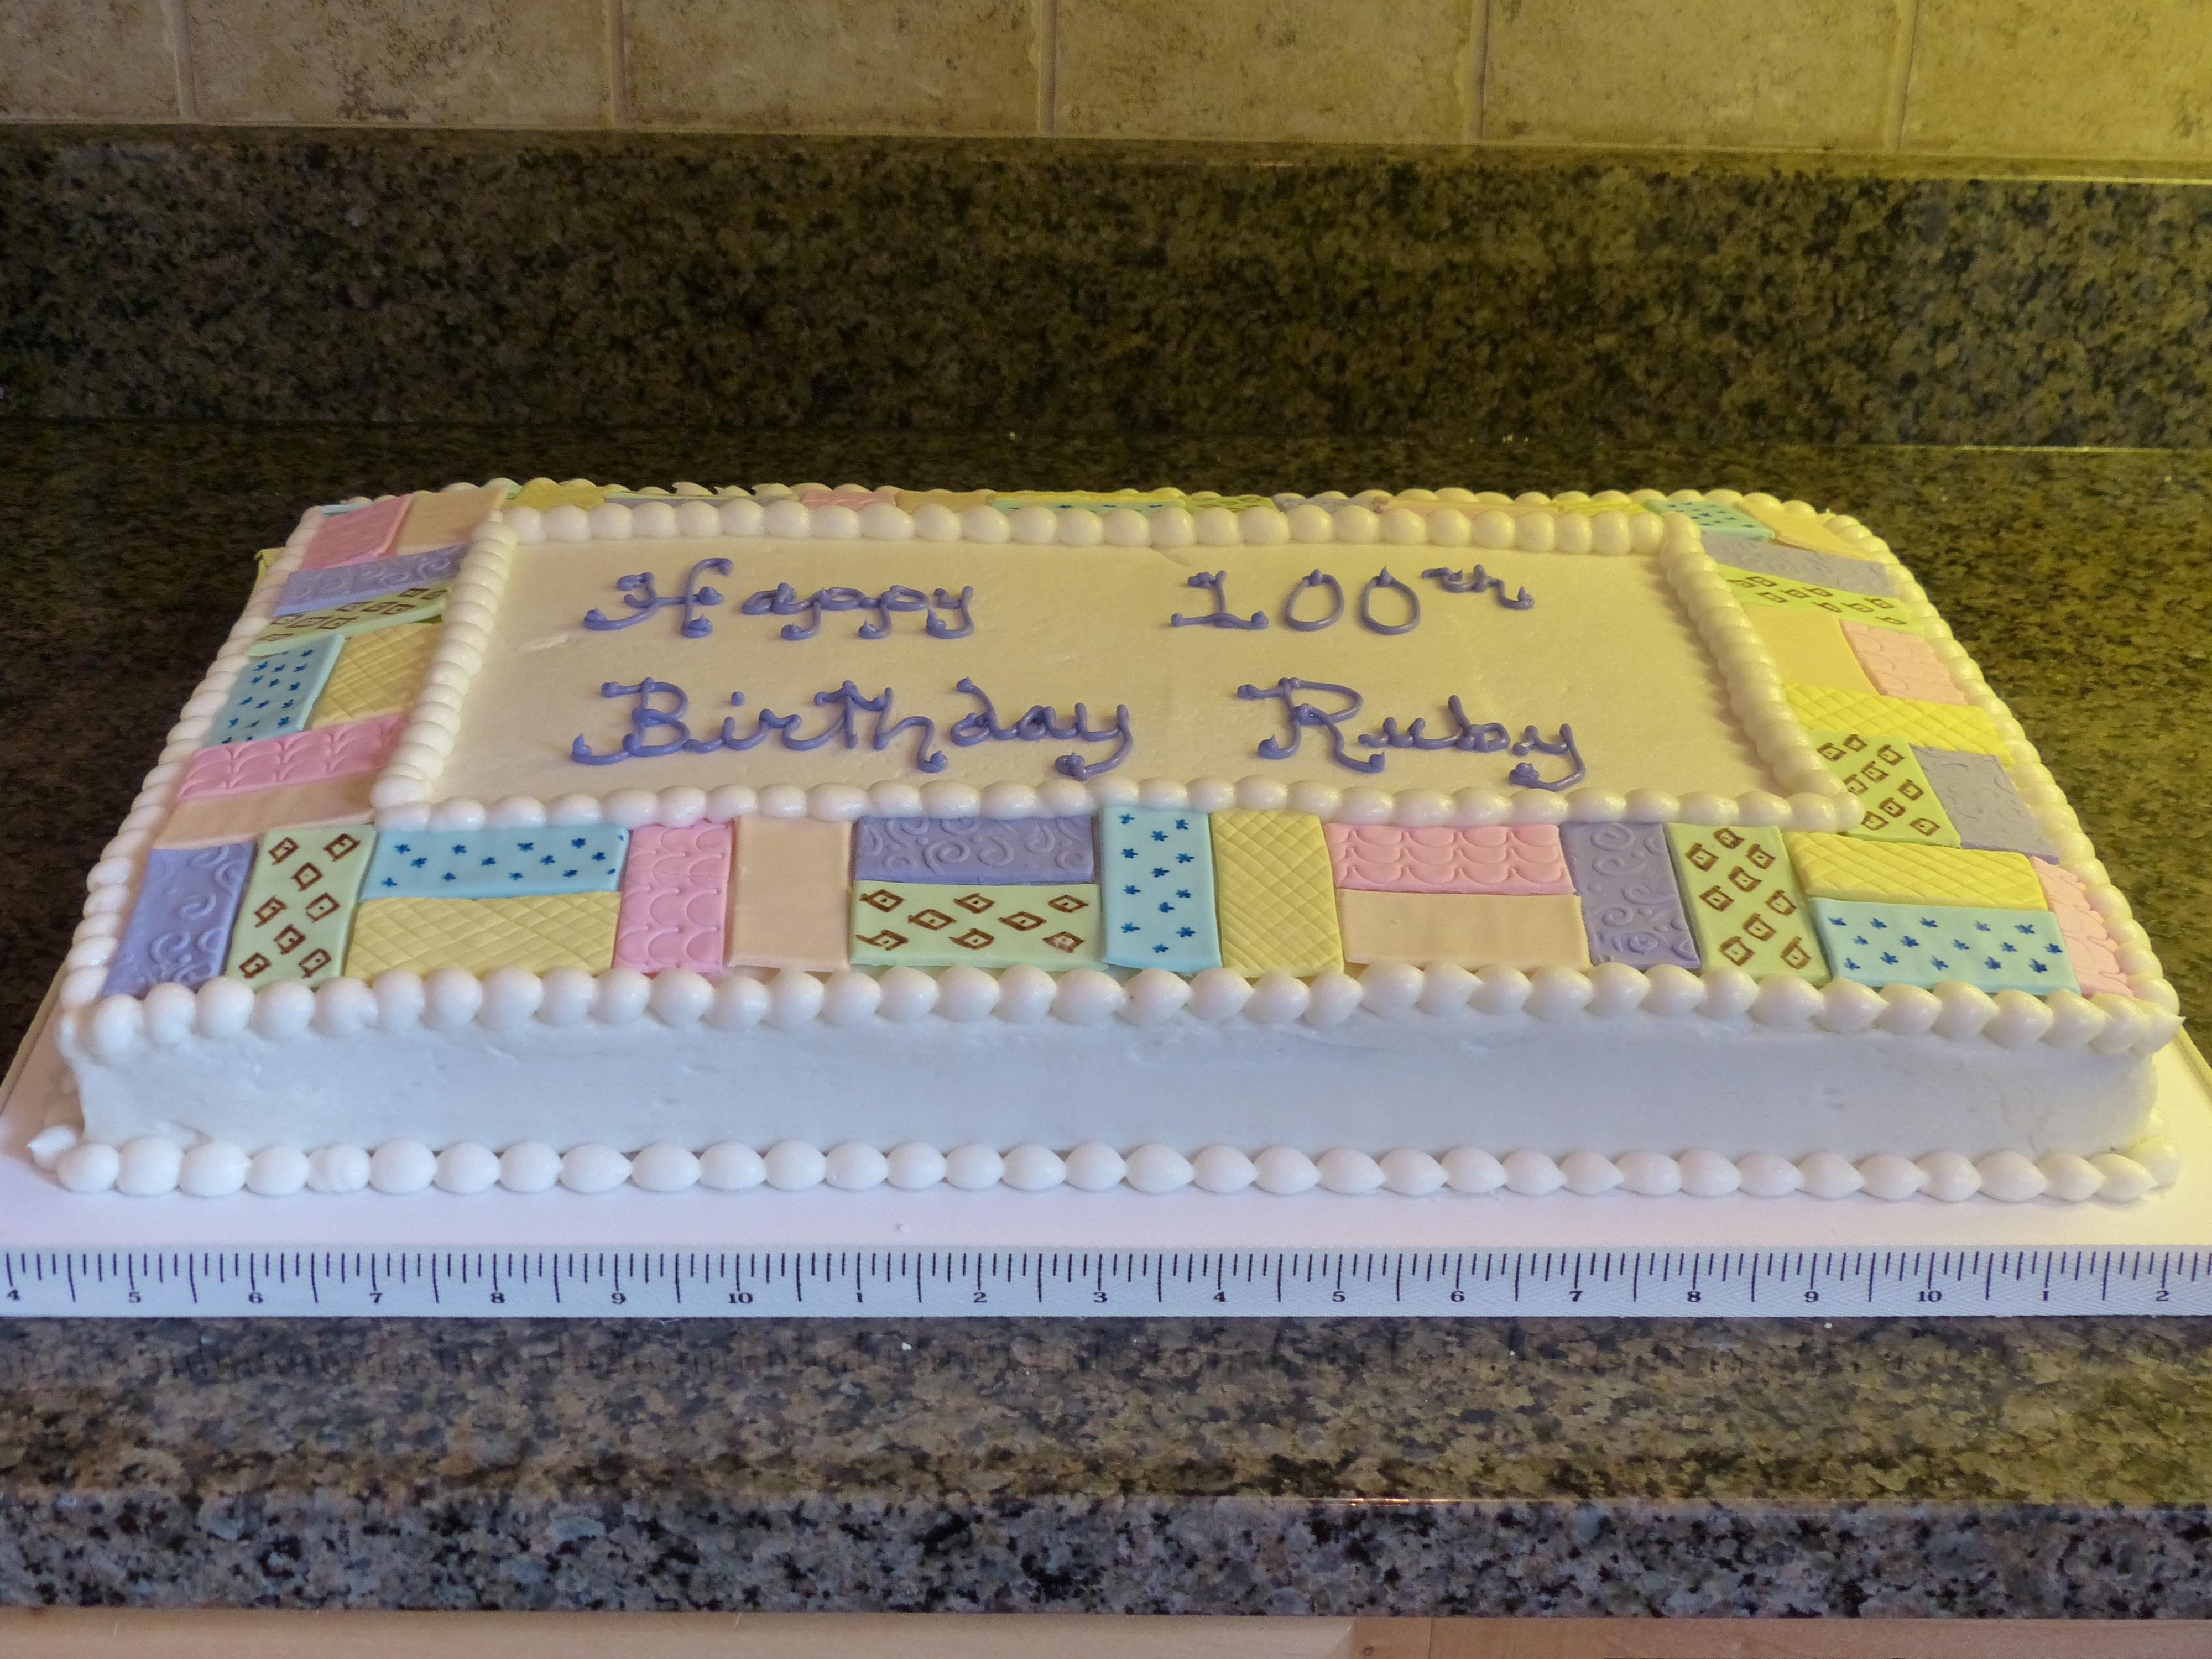 Cake Decorating Quilting Technique : Quilt Cakes - CakeCentral.com